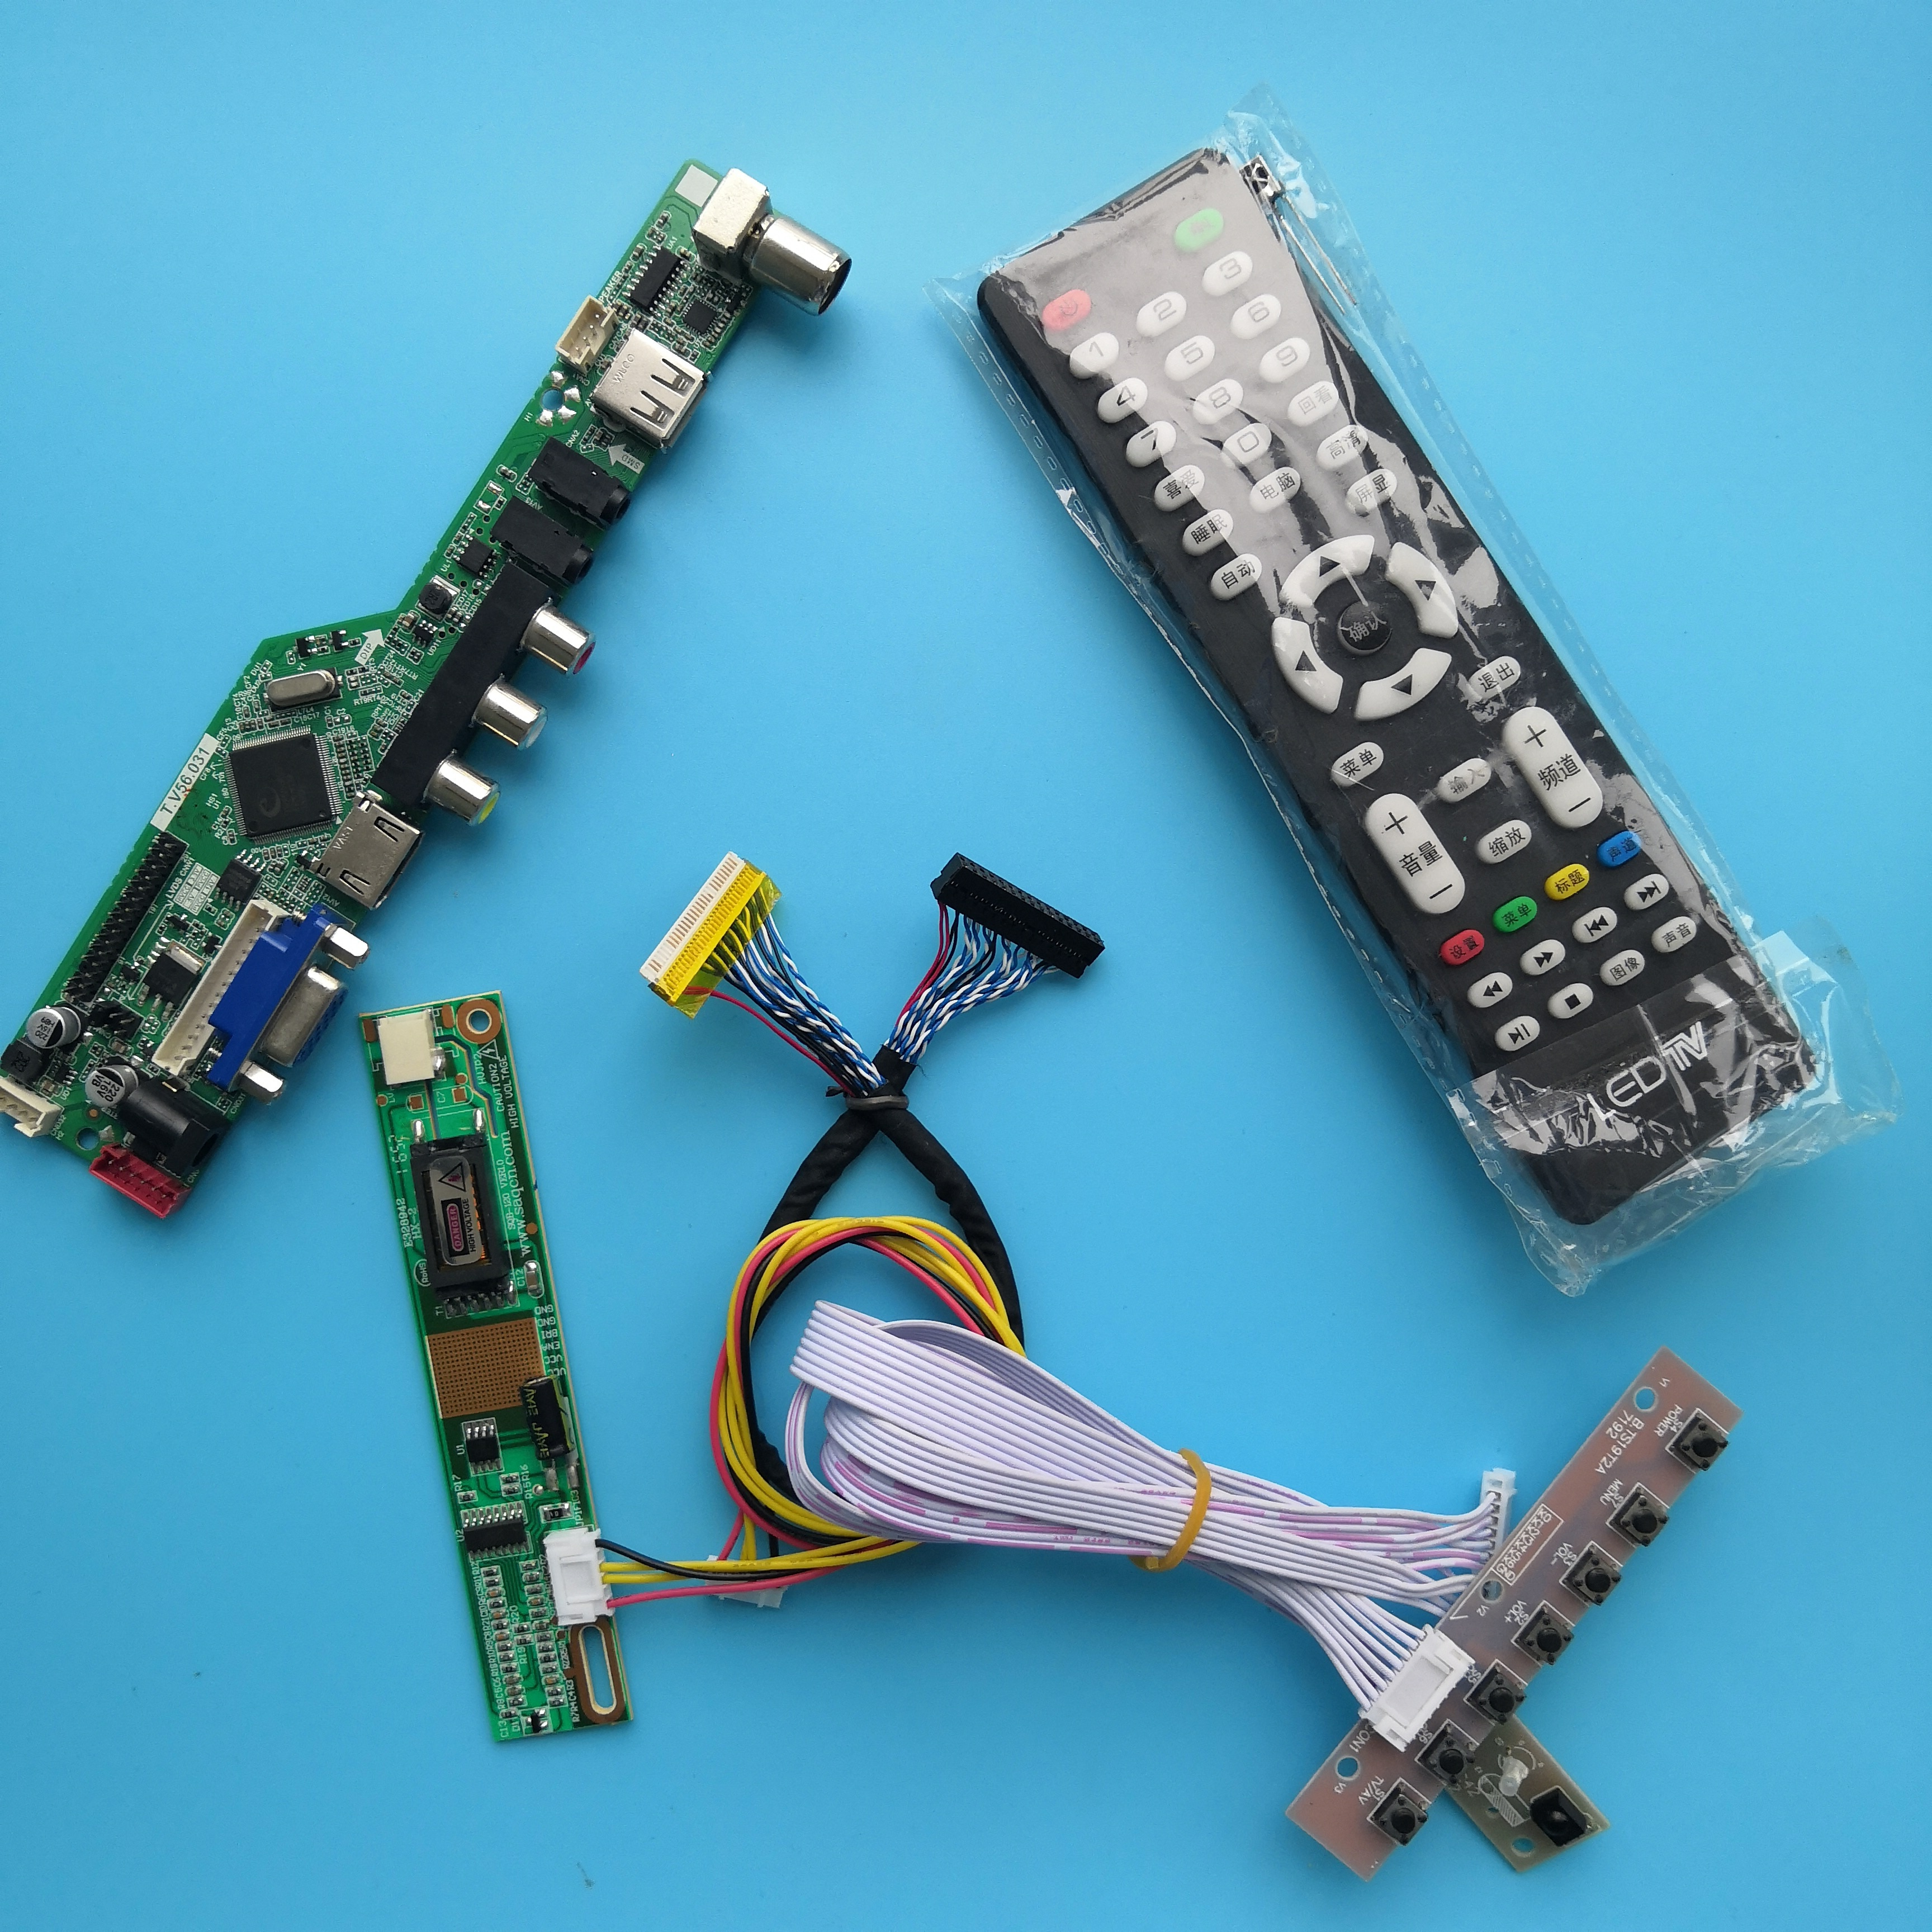 ل LP150X08-A3K2 القرار التلفزيون AV 1 مصابيح 15